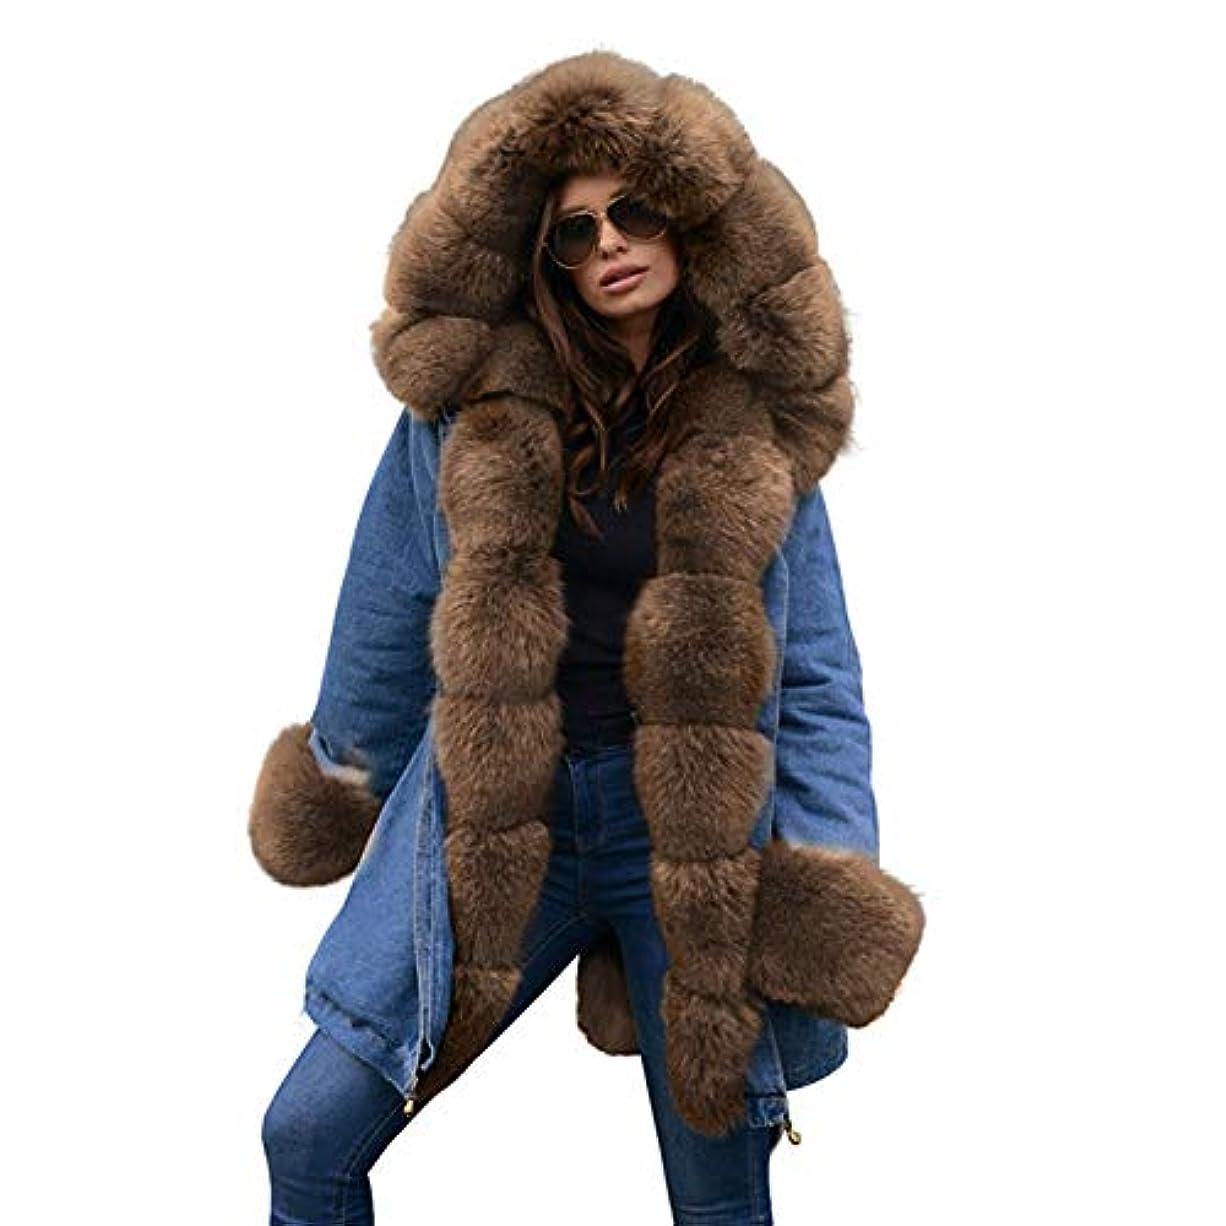 厚手フード付きジャケット女性ウィンターフェイクファーカラーコートコットンパットオーバーコートロングコートパーカスパーカ,S